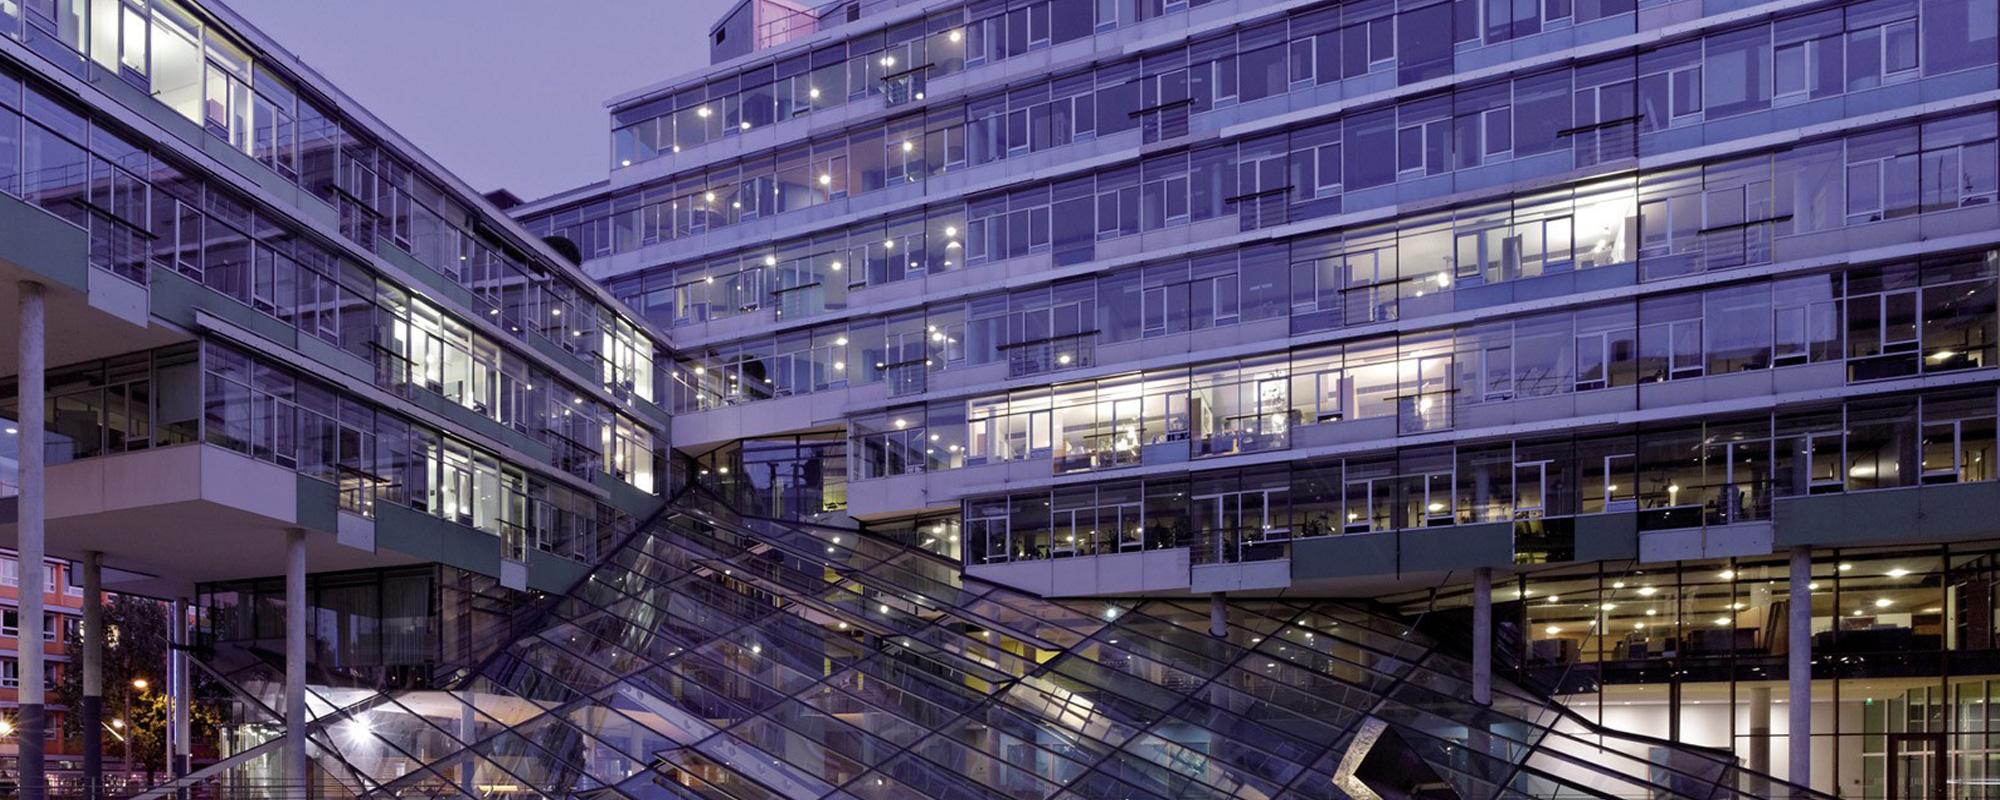 m_eins-berlin-lbbw-immobilien